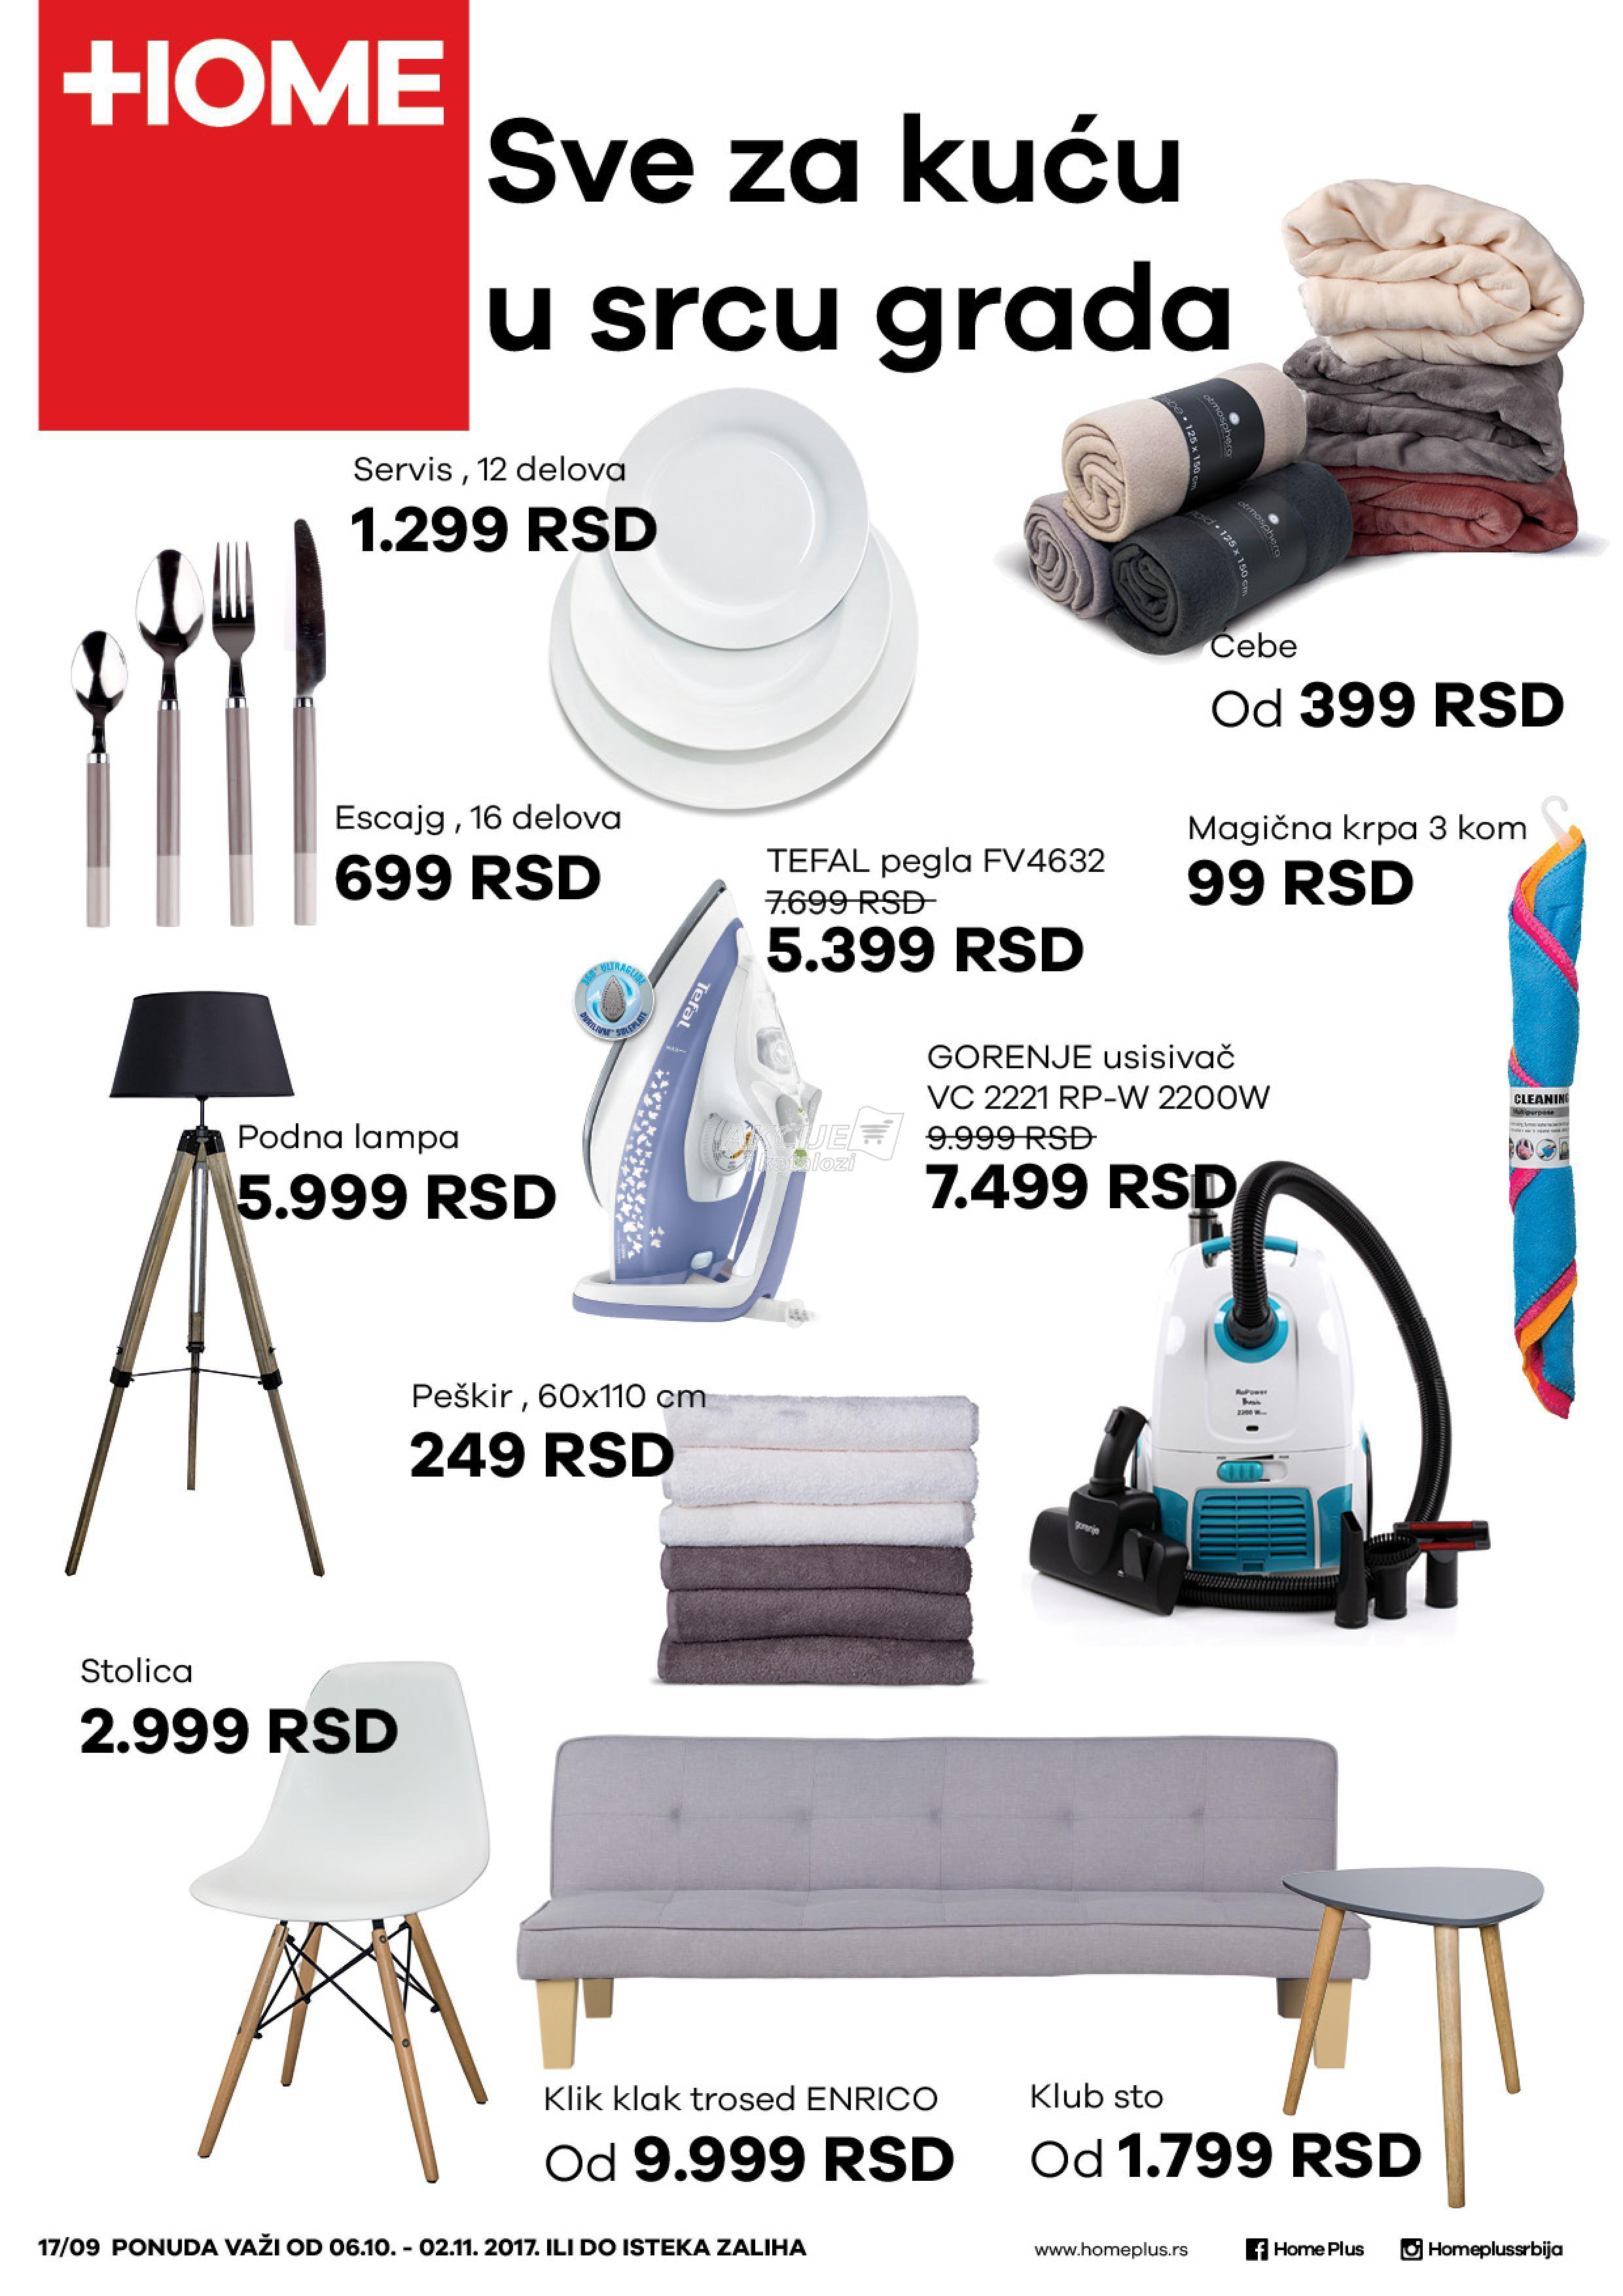 Home Plus akcija odlične kupovine